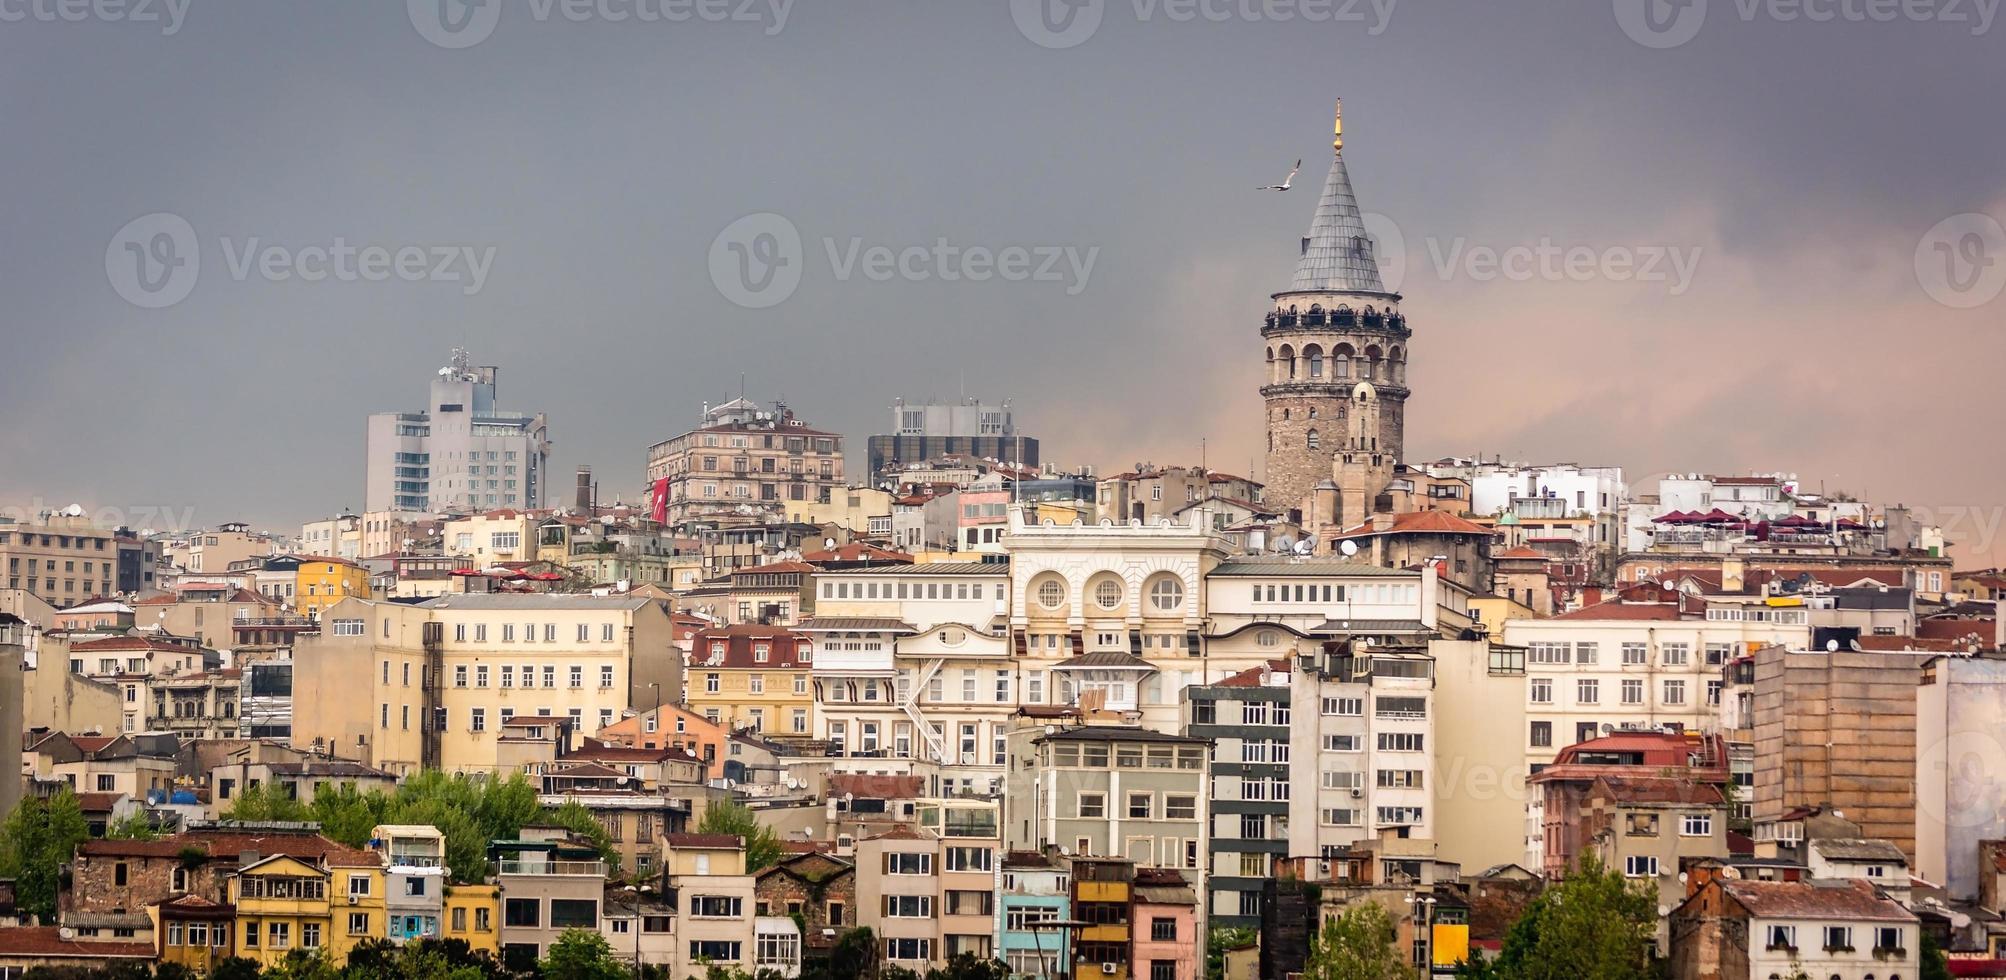 paesaggio urbano di istanbul. torre di galata. città nuvolosa foto